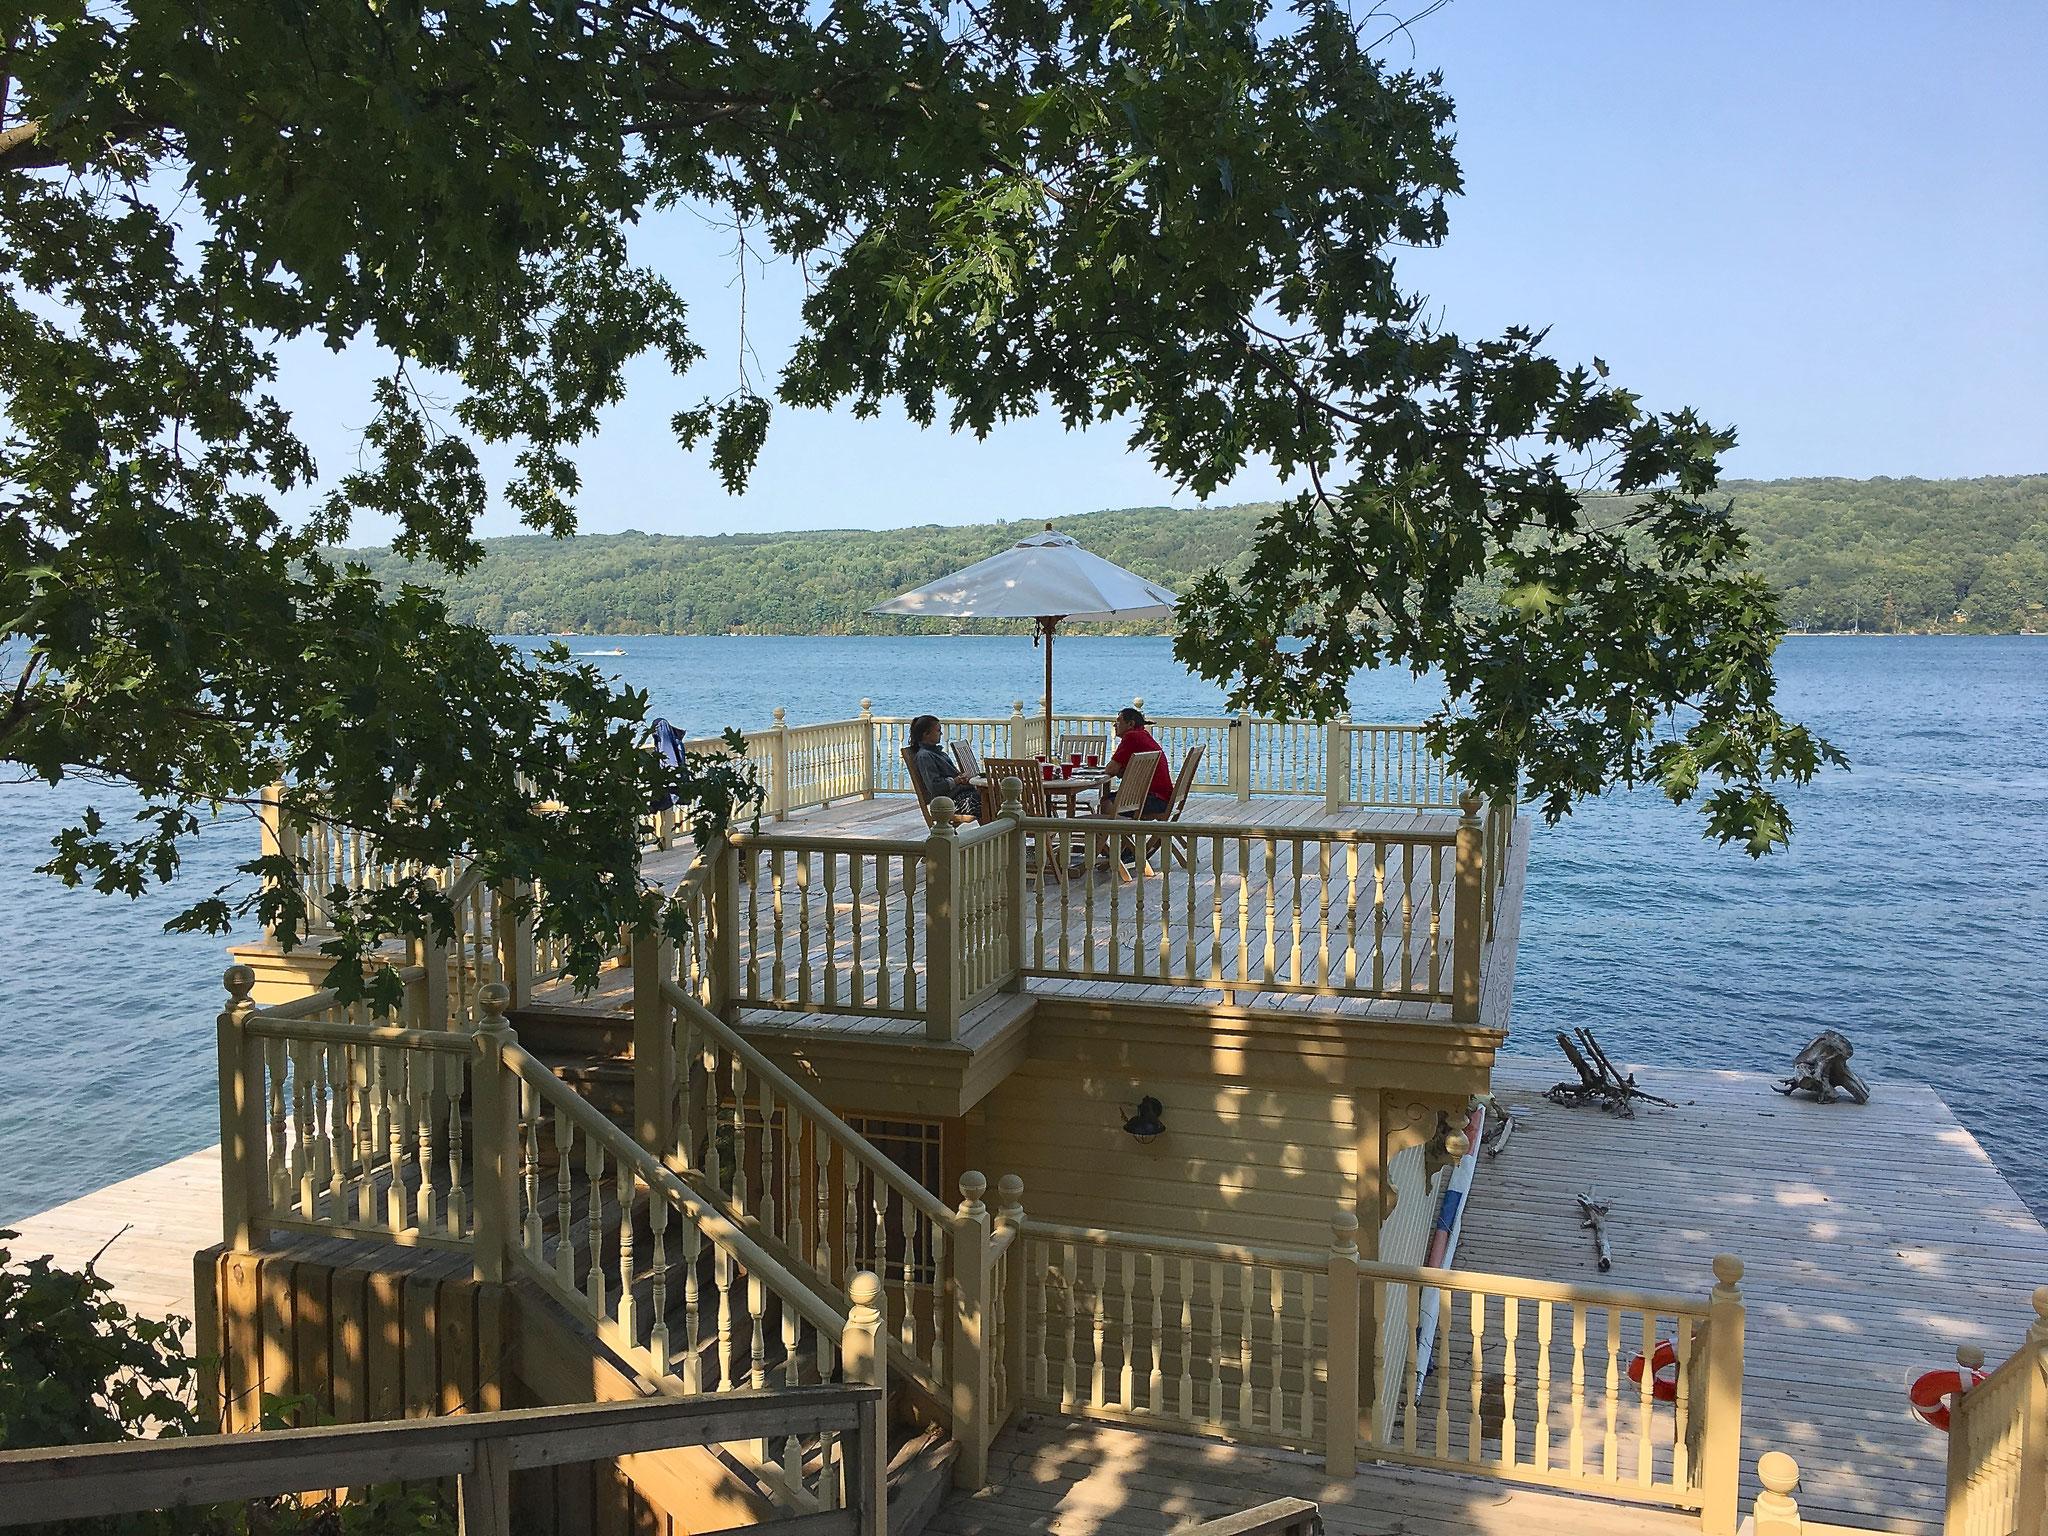 Labor Day at Skaneateles Lake  9-4-17